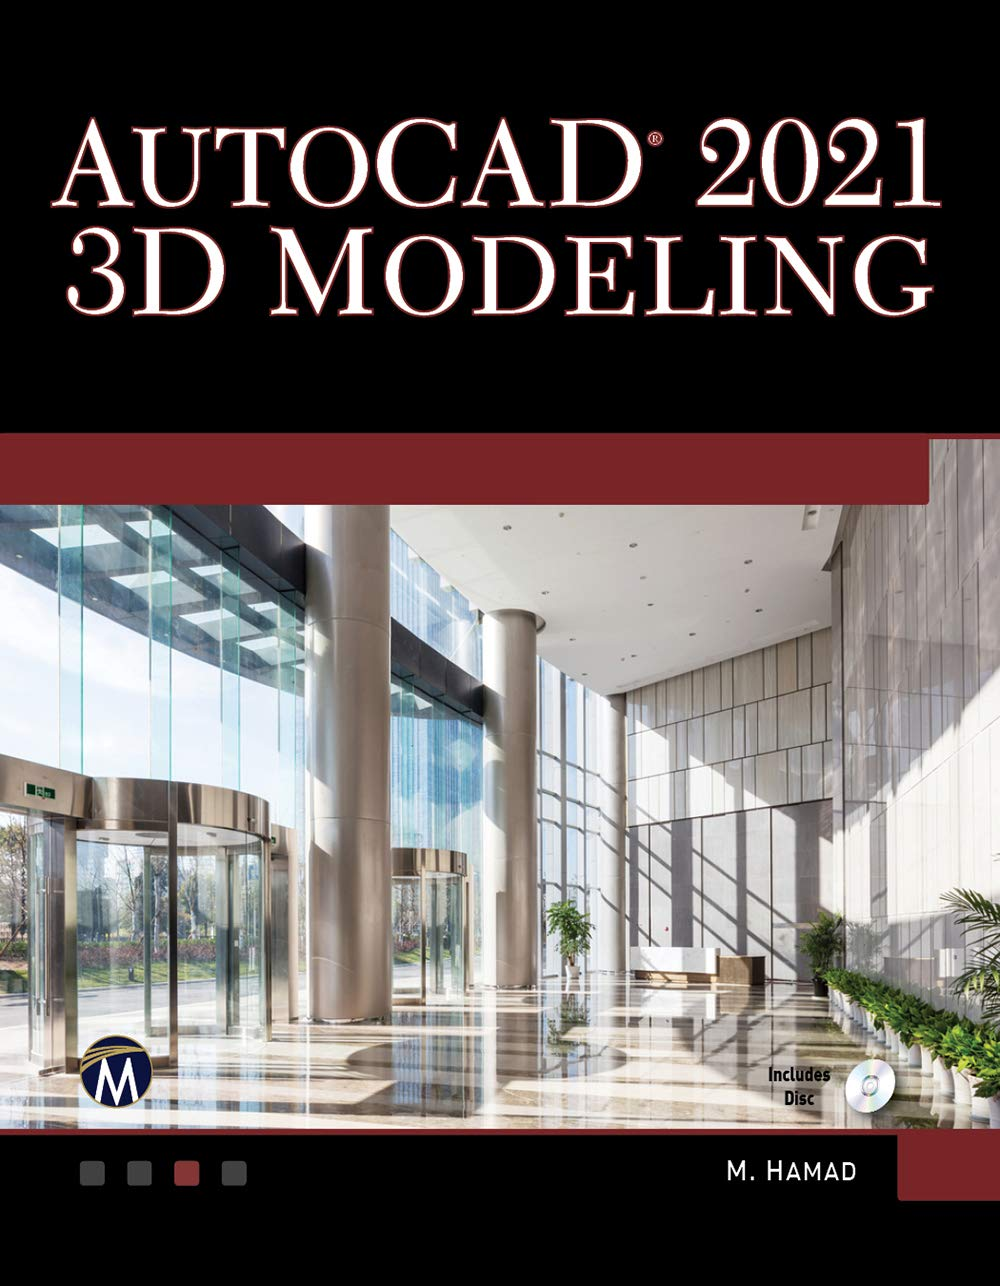 AutoCAD 2021 3D Modelling: Amazon.es: Hamad, Munir: Libros en idiomas extranjeros